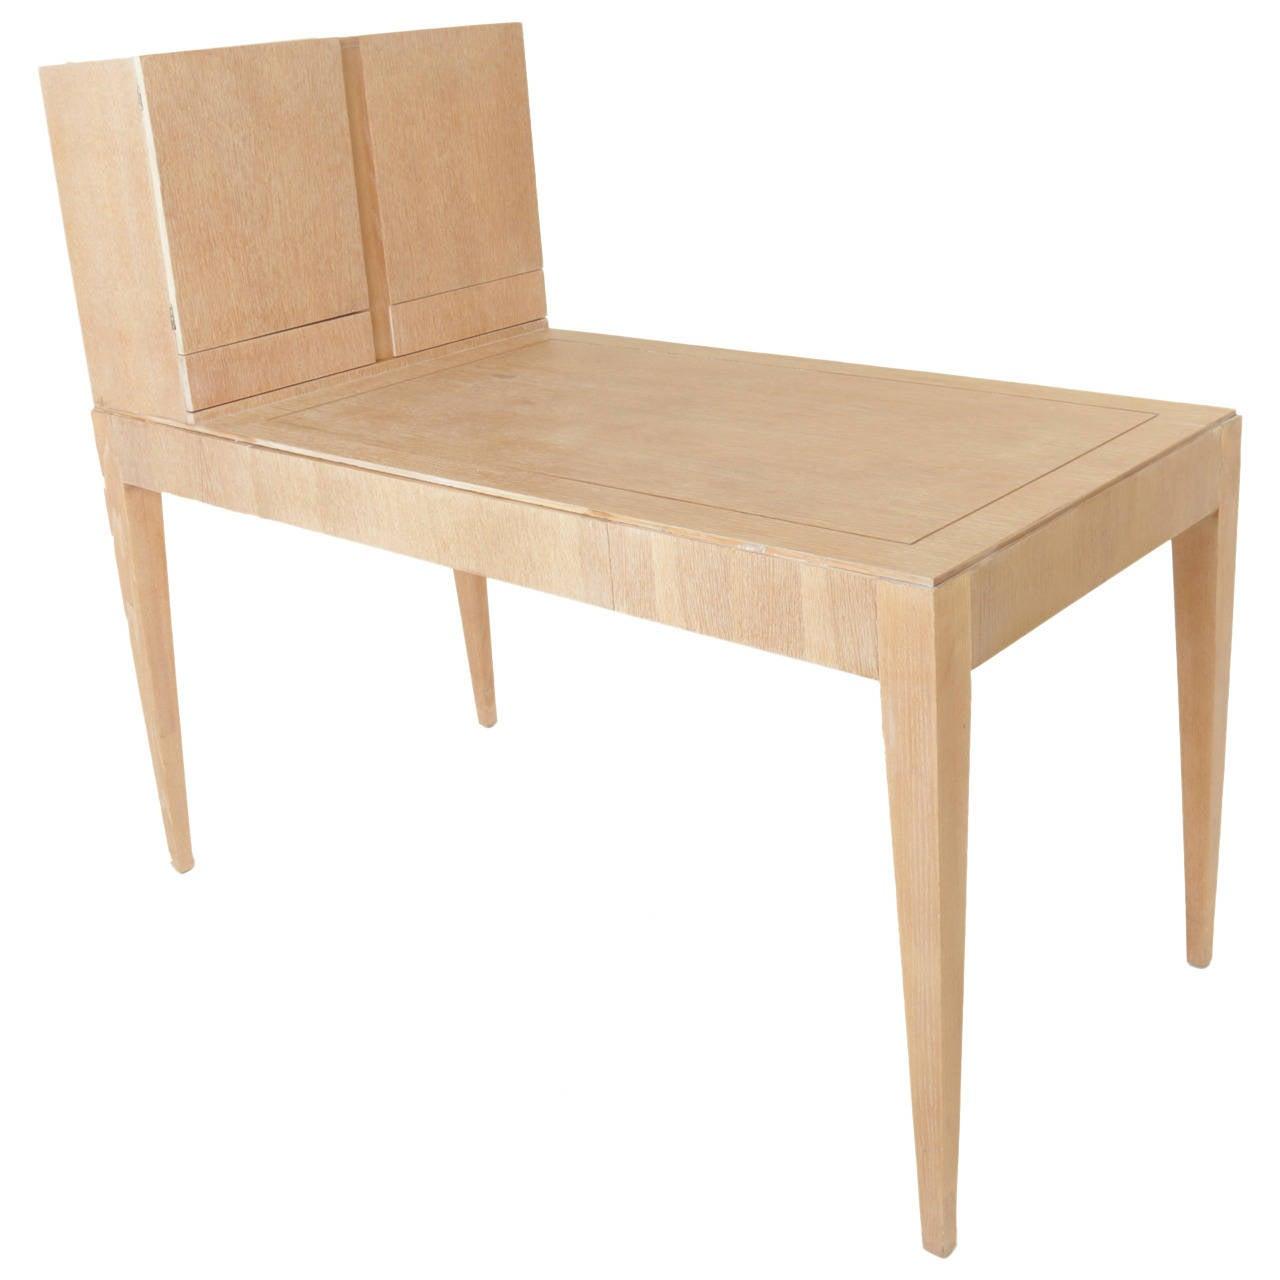 Oak Secretary Desk by Irwin with Letter Cabinet For Sale